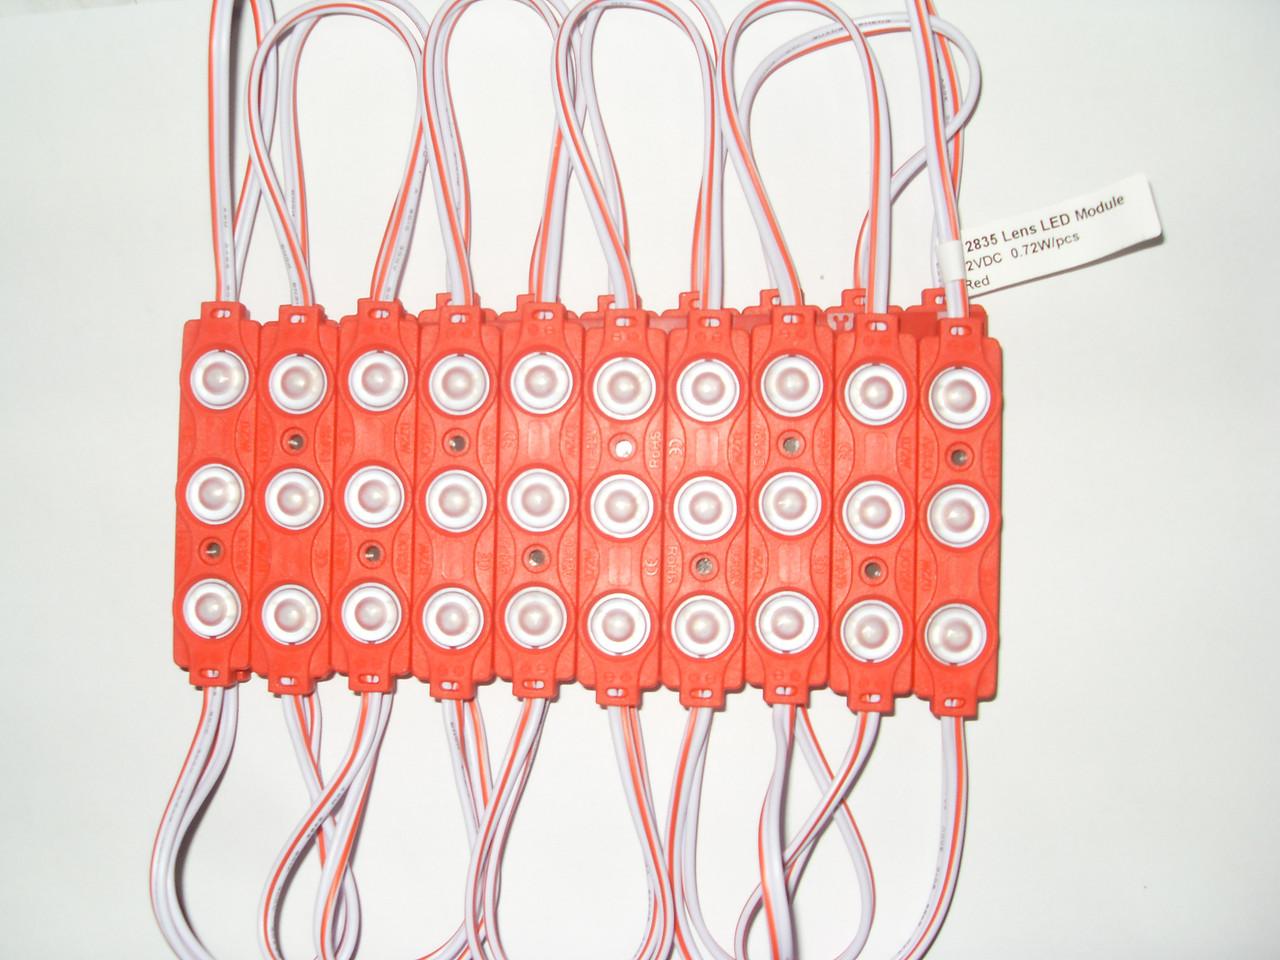 Красный светодиодный модуль  0.72вт 12вольт SMD 2835 с линзой кластер RED 3 LED 0.72 вт